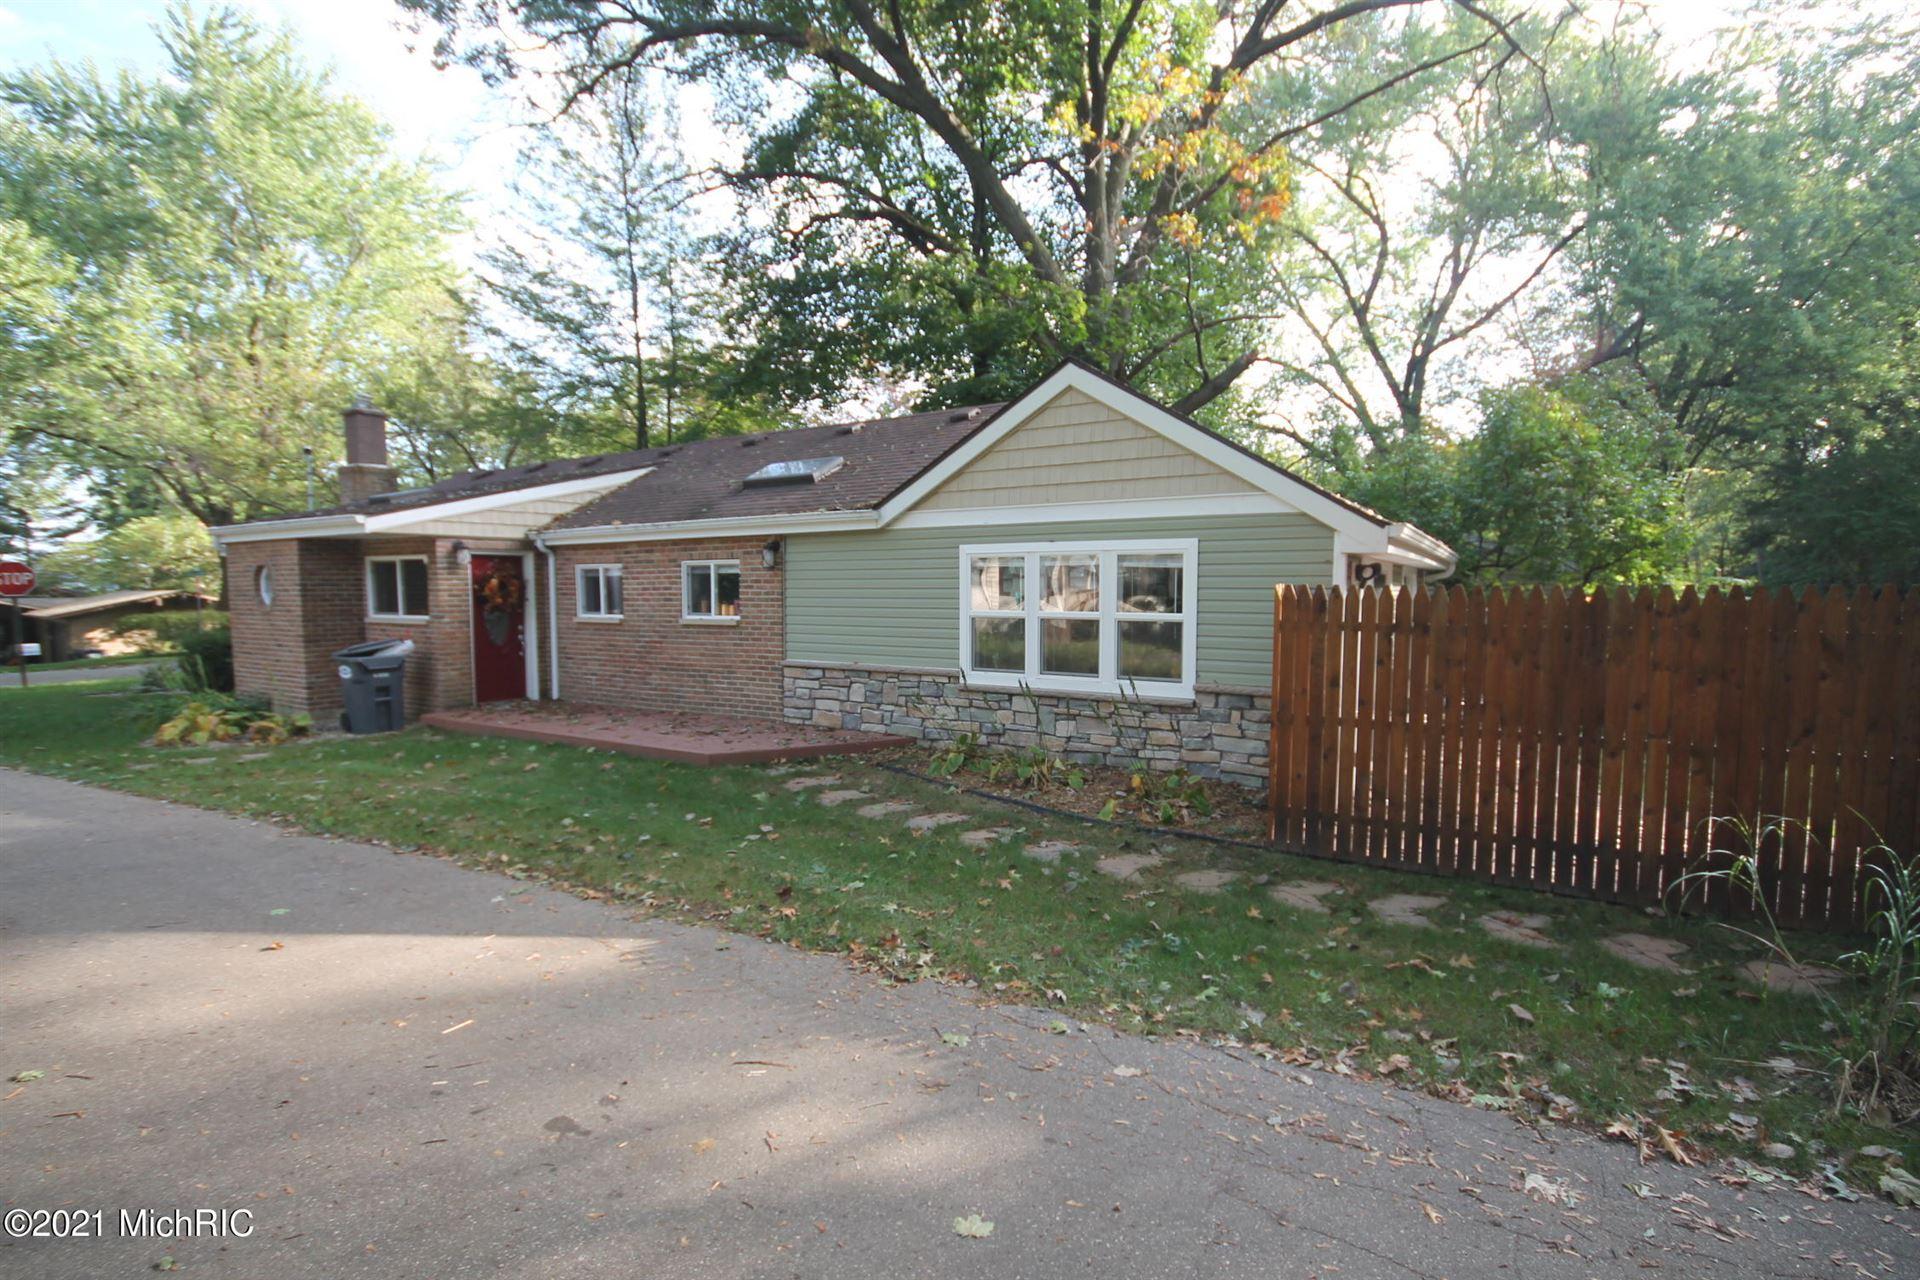 906 Lakeview Drive, Portage, MI 49002 - MLS#: 21002034